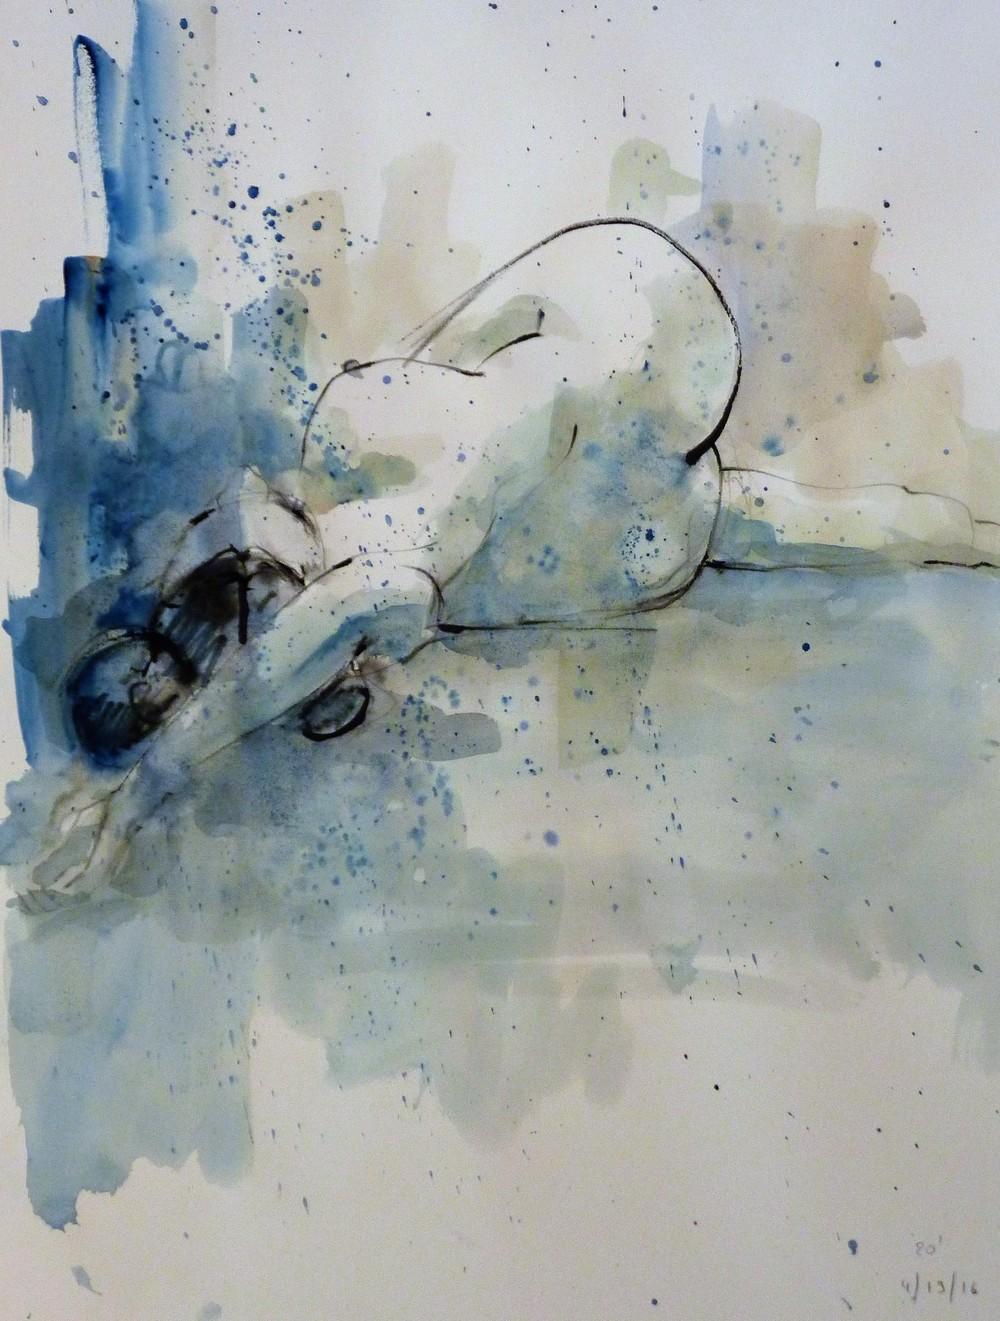 Ali reclining